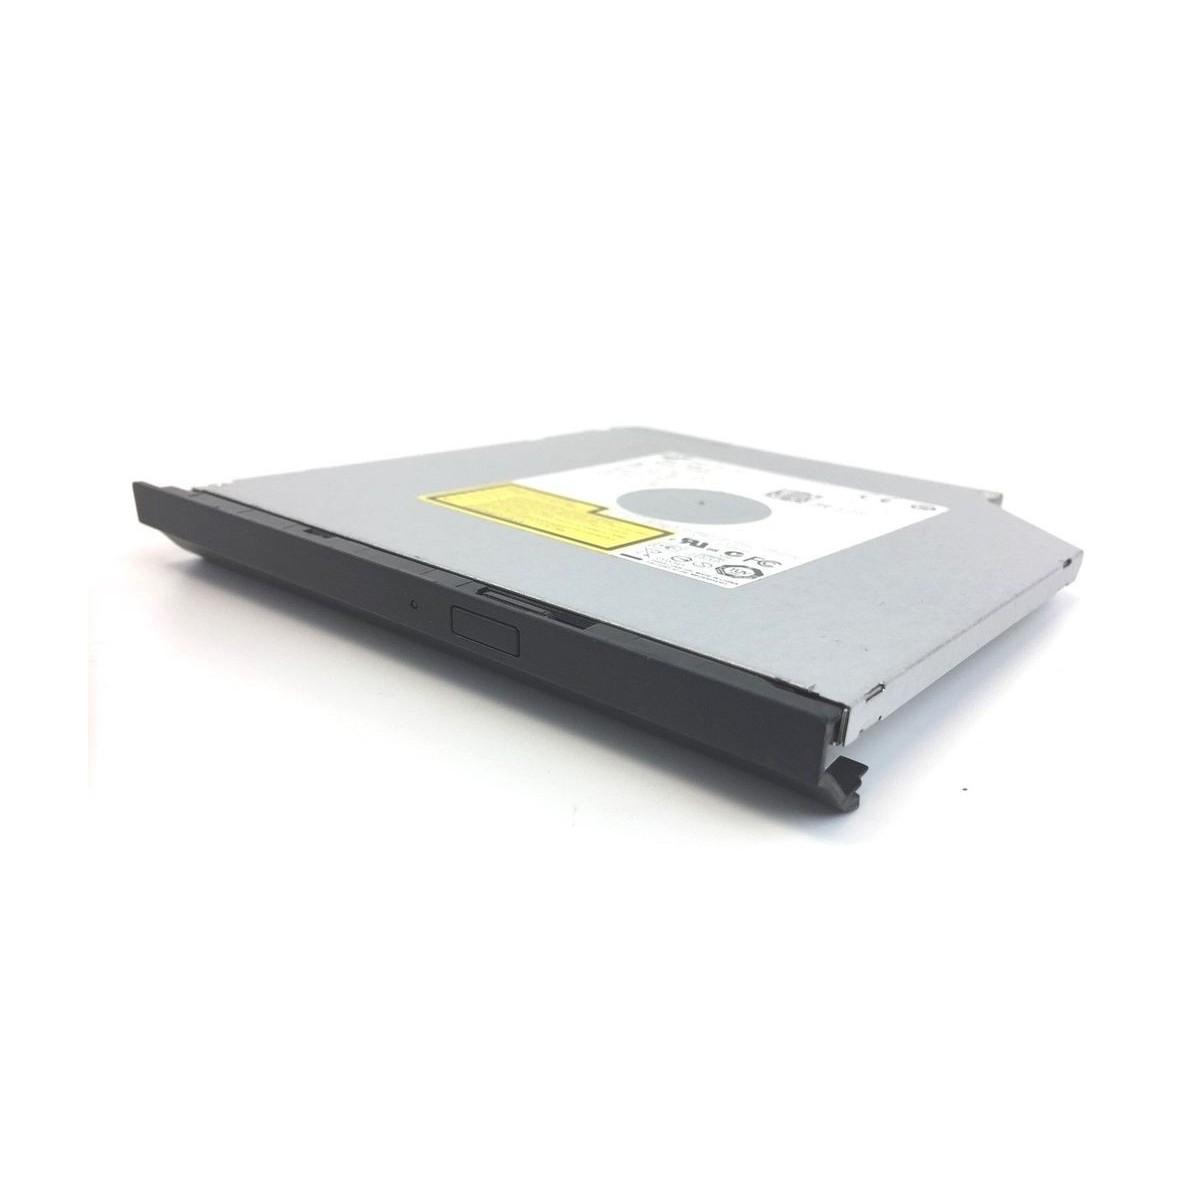 DYSK HP 1TB SAS 7.2K 6G 3,5 G1-G7 508011-001